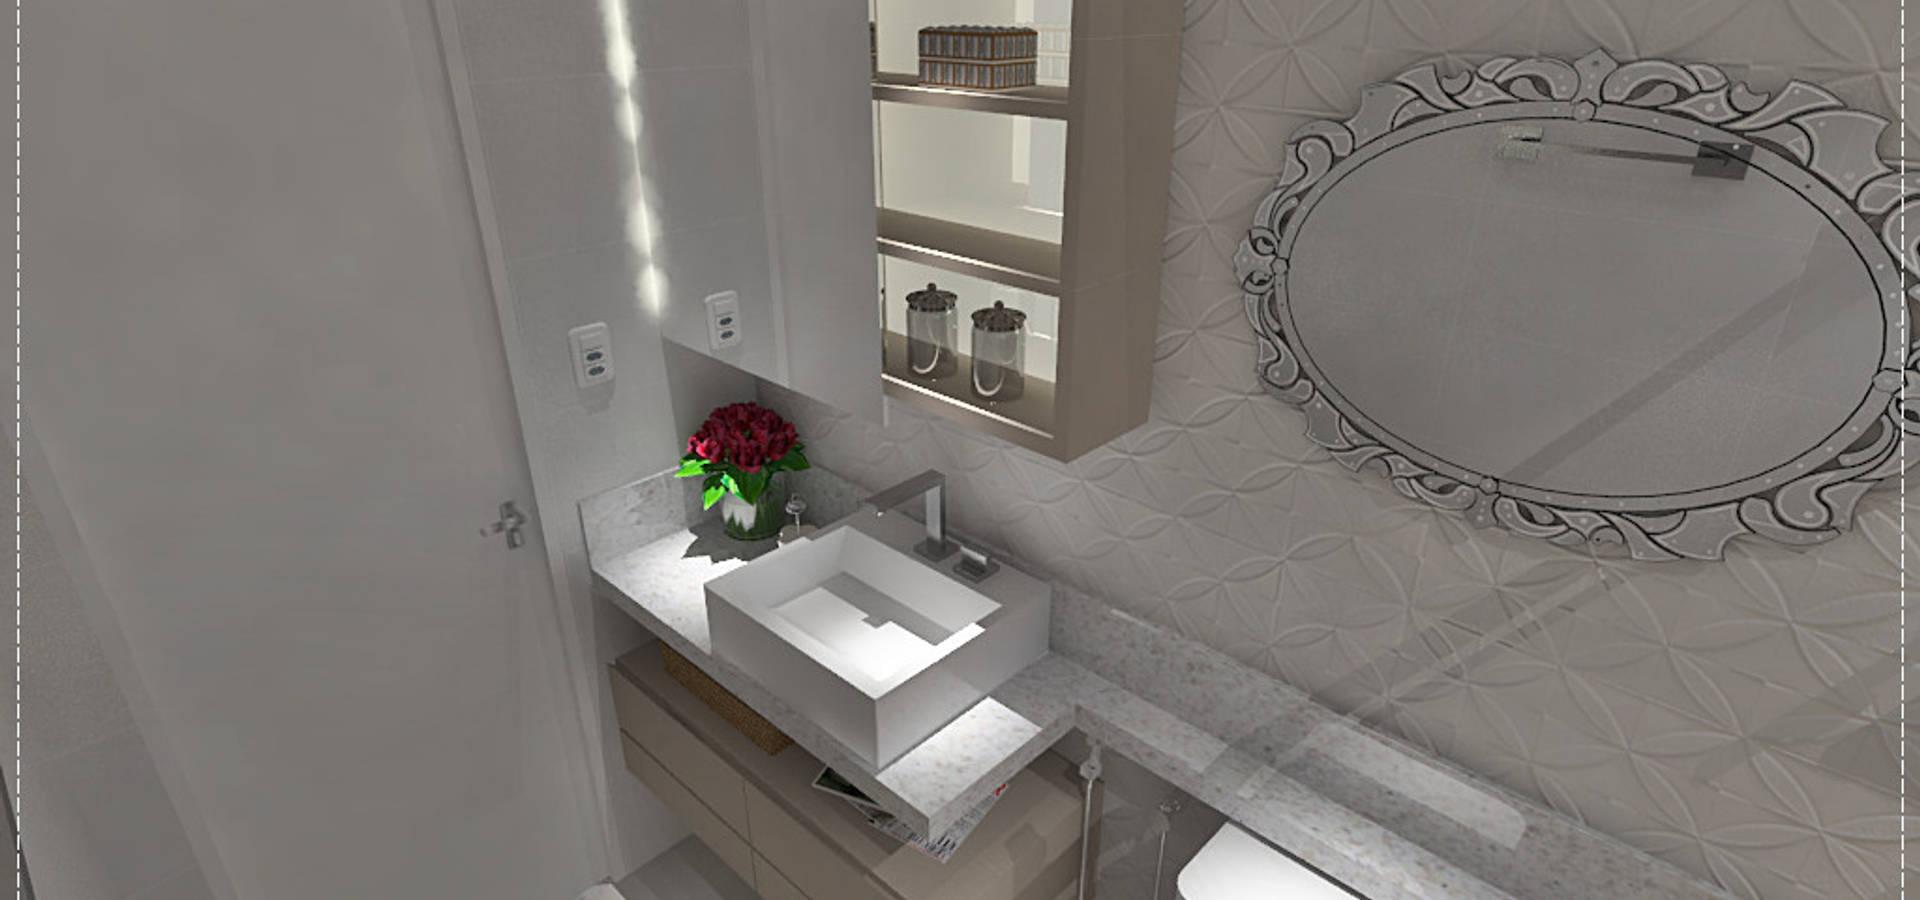 BRUNA MARTINS Arquitetura + Interiores